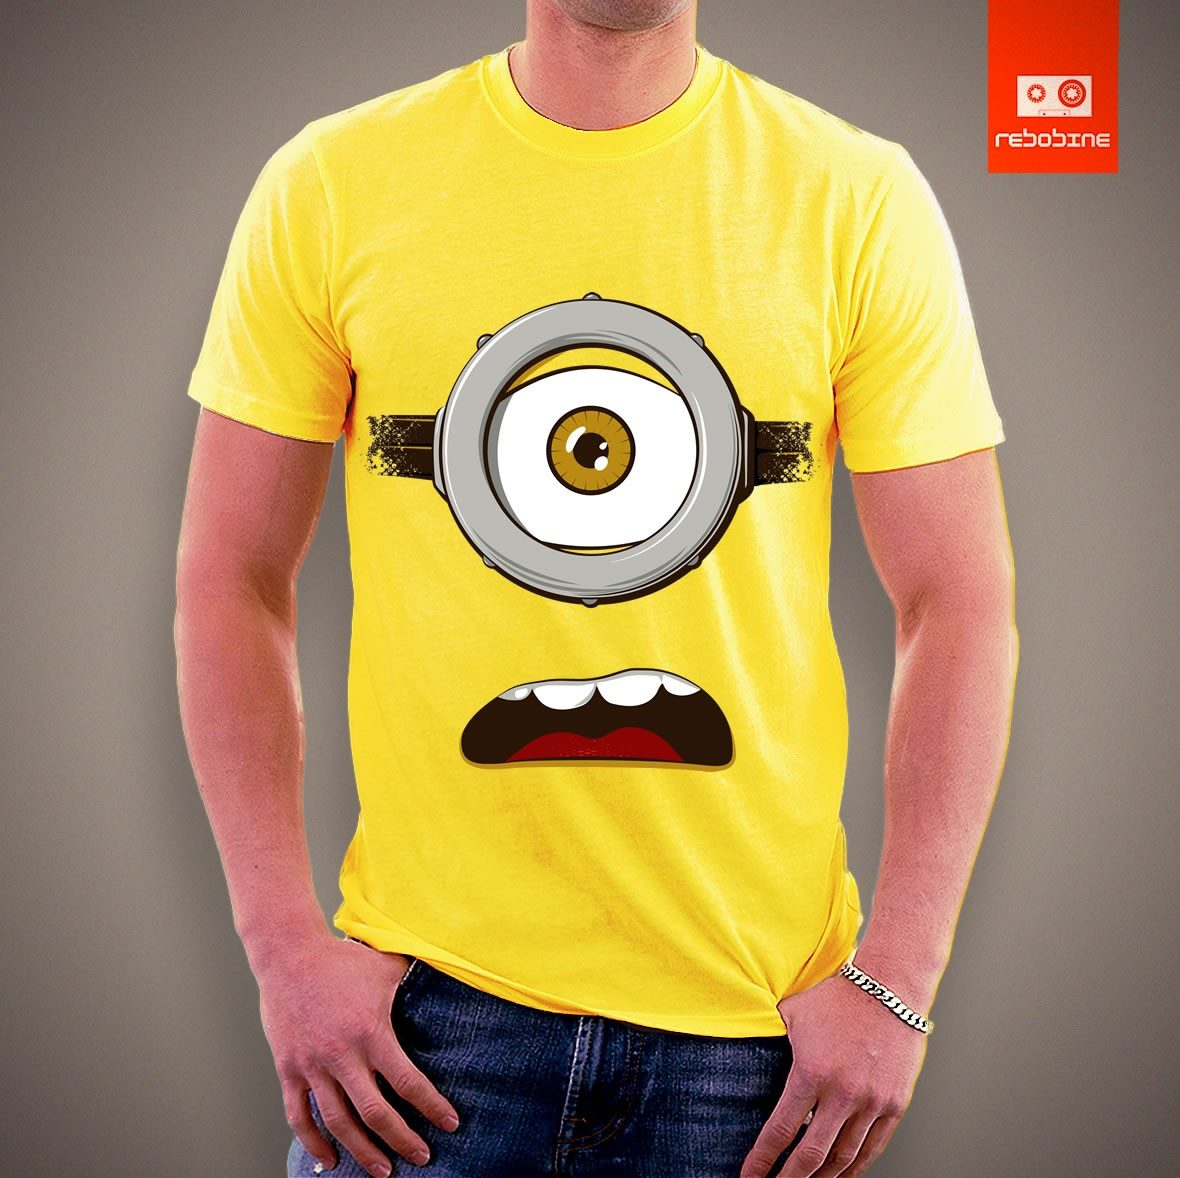 278ae93276 camiseta minions meu malvado favorito desenho animado camisa. Carregando  zoom.